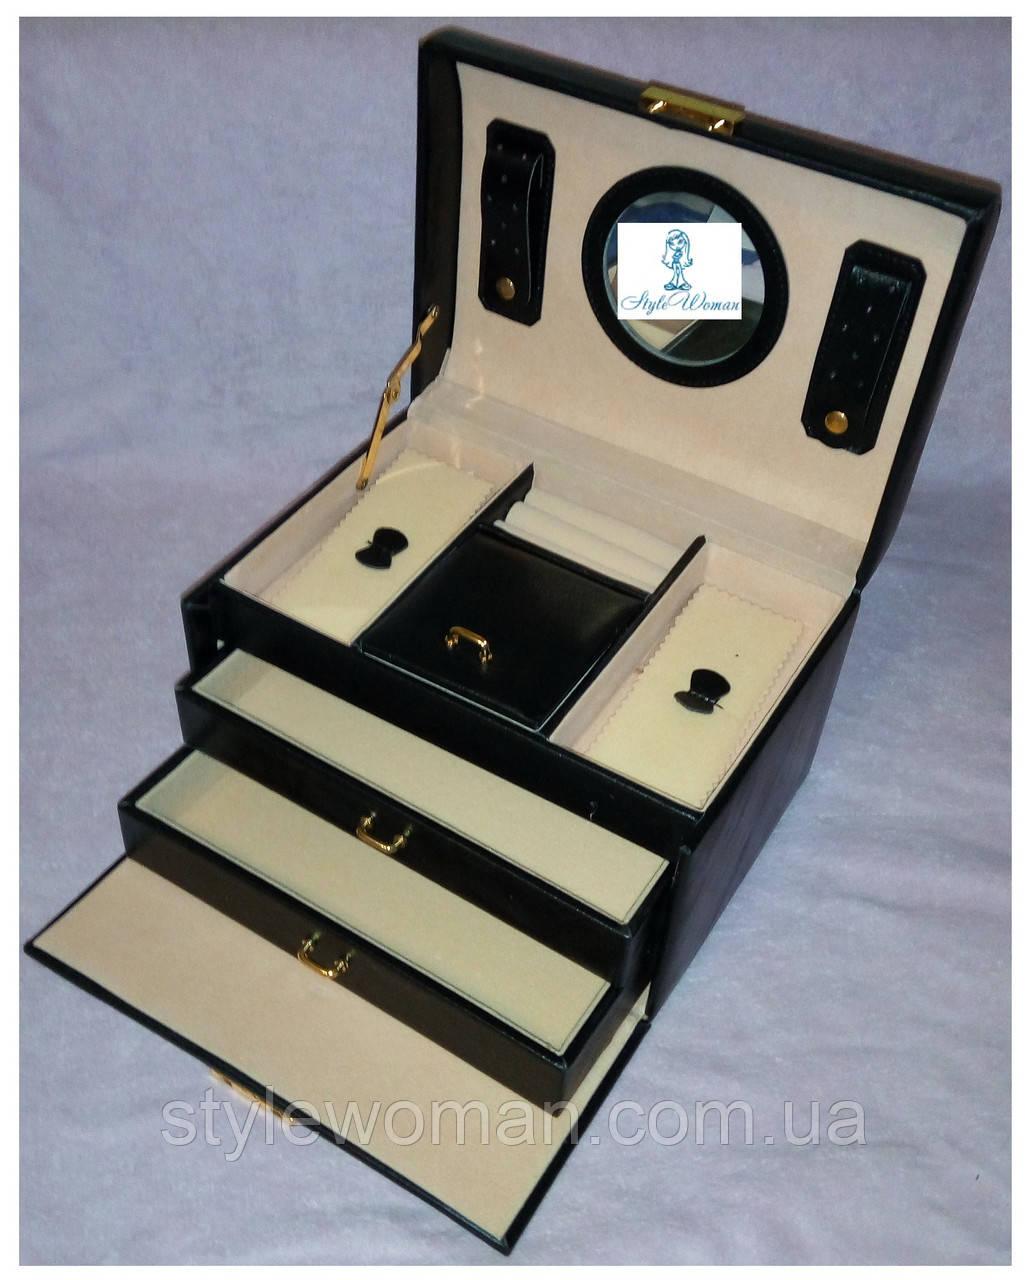 Шкатулки для ювелирных украшений и бижутерии гладкая черная